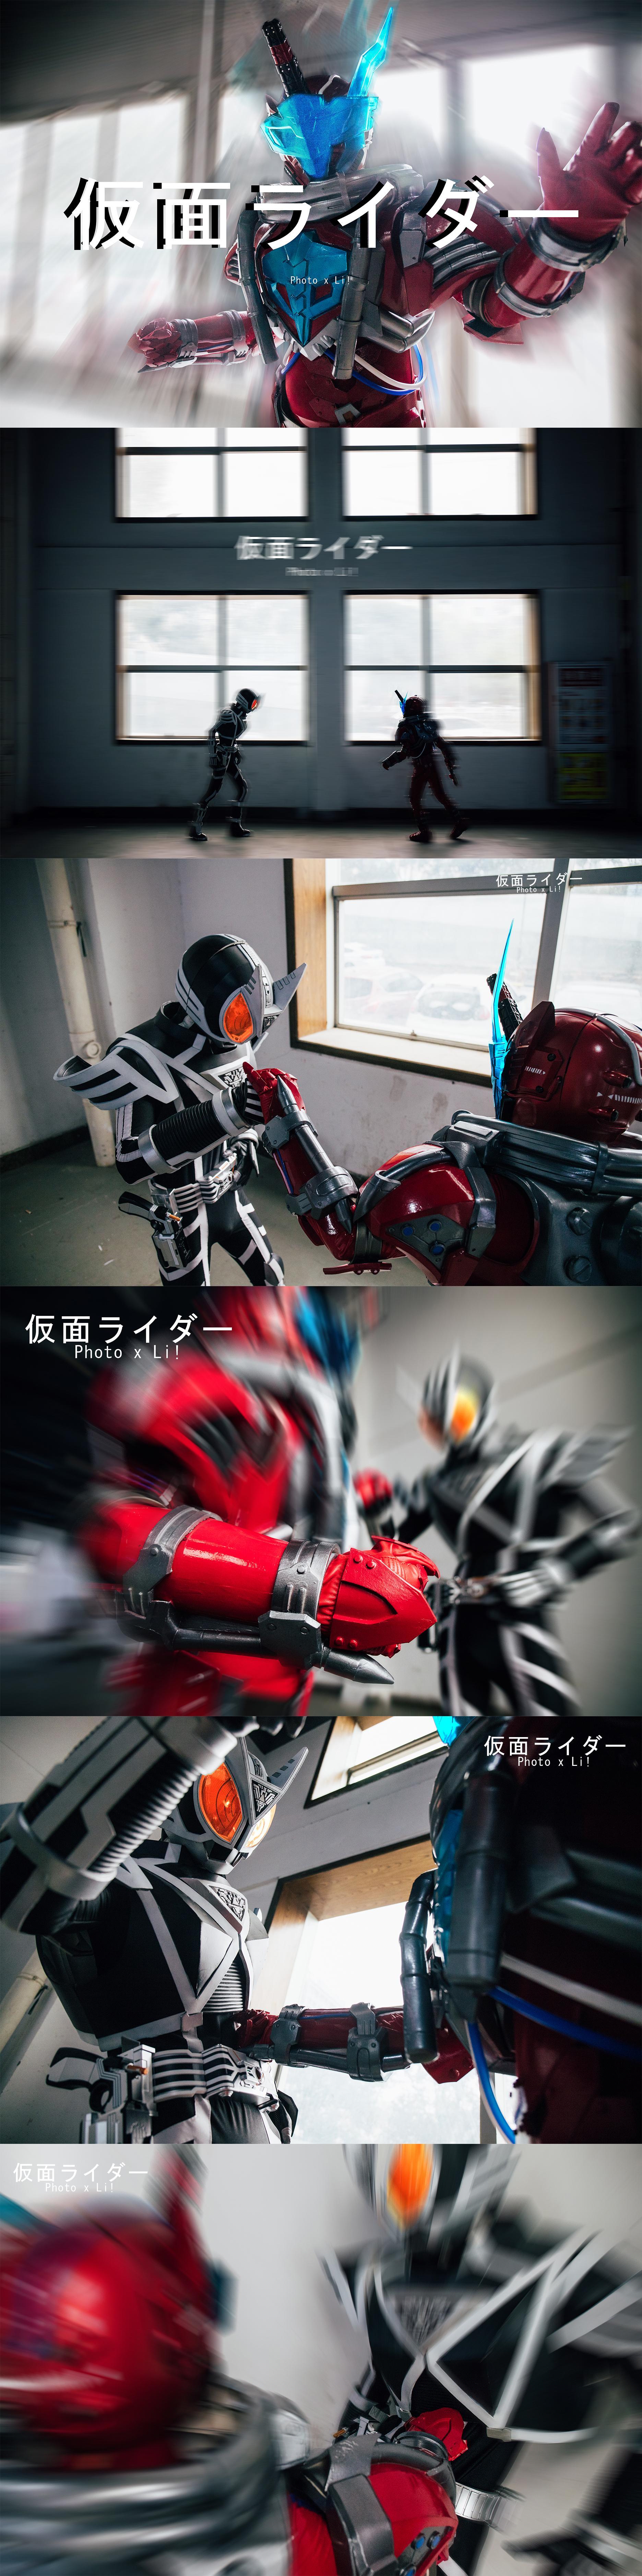 《假面骑士》漫展cosplay【CN:你的Li】-第1张